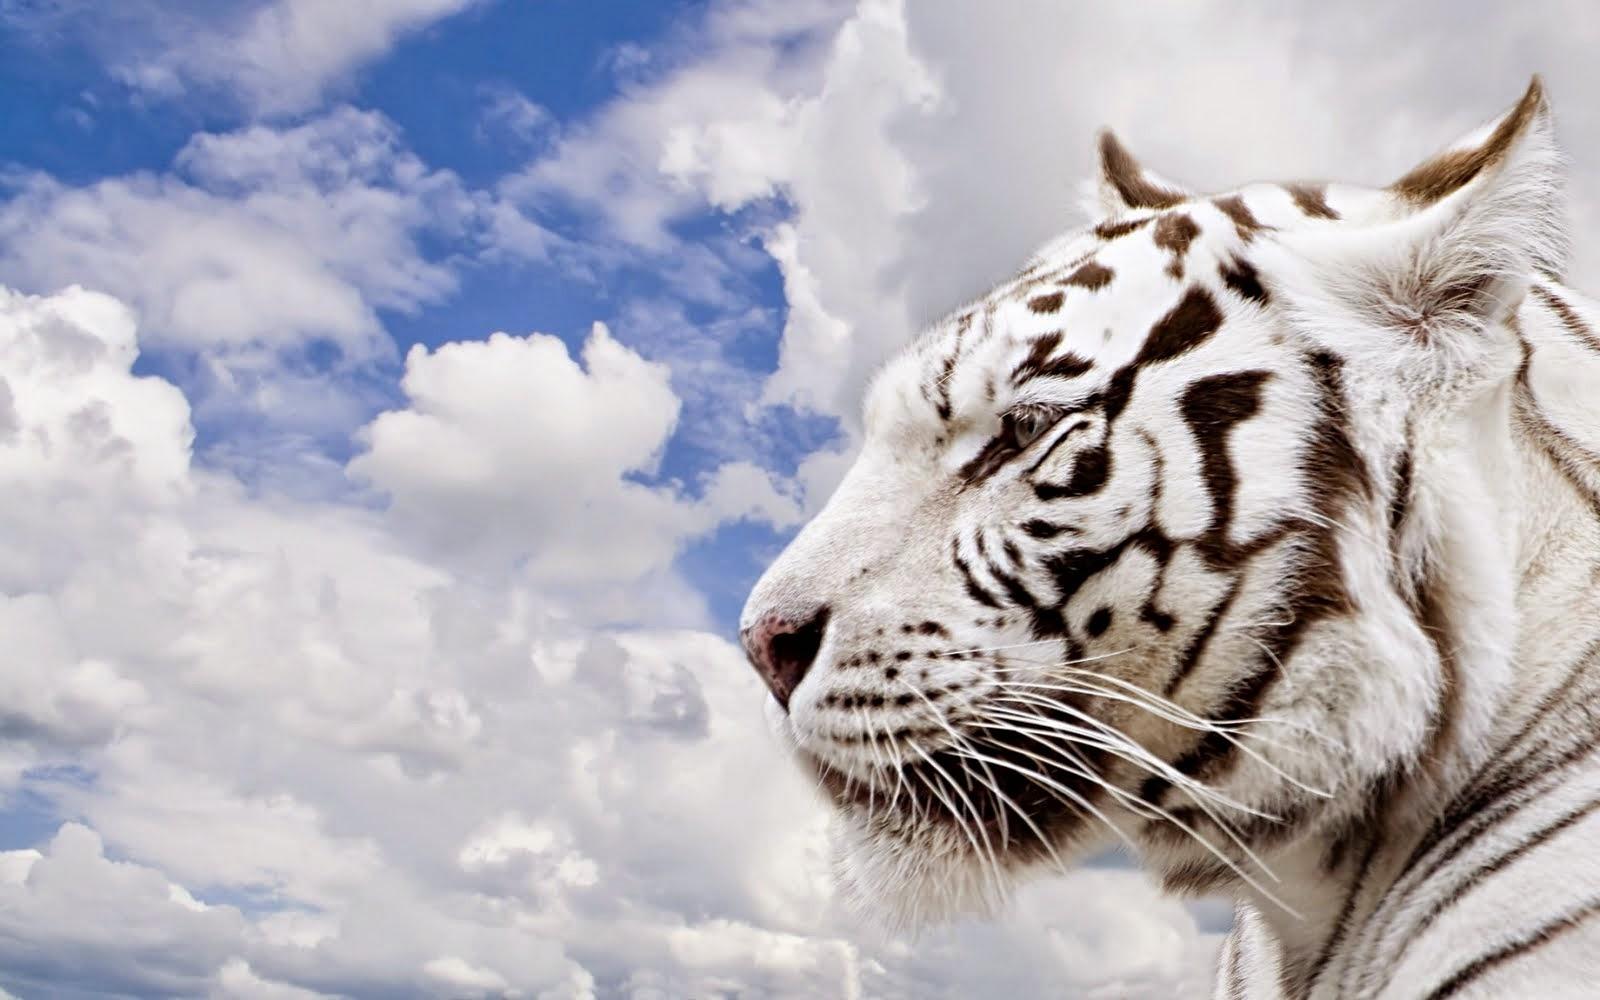 Картинки животные на телефон бесплатно Скачать  - картинки животных скачать бесплатно